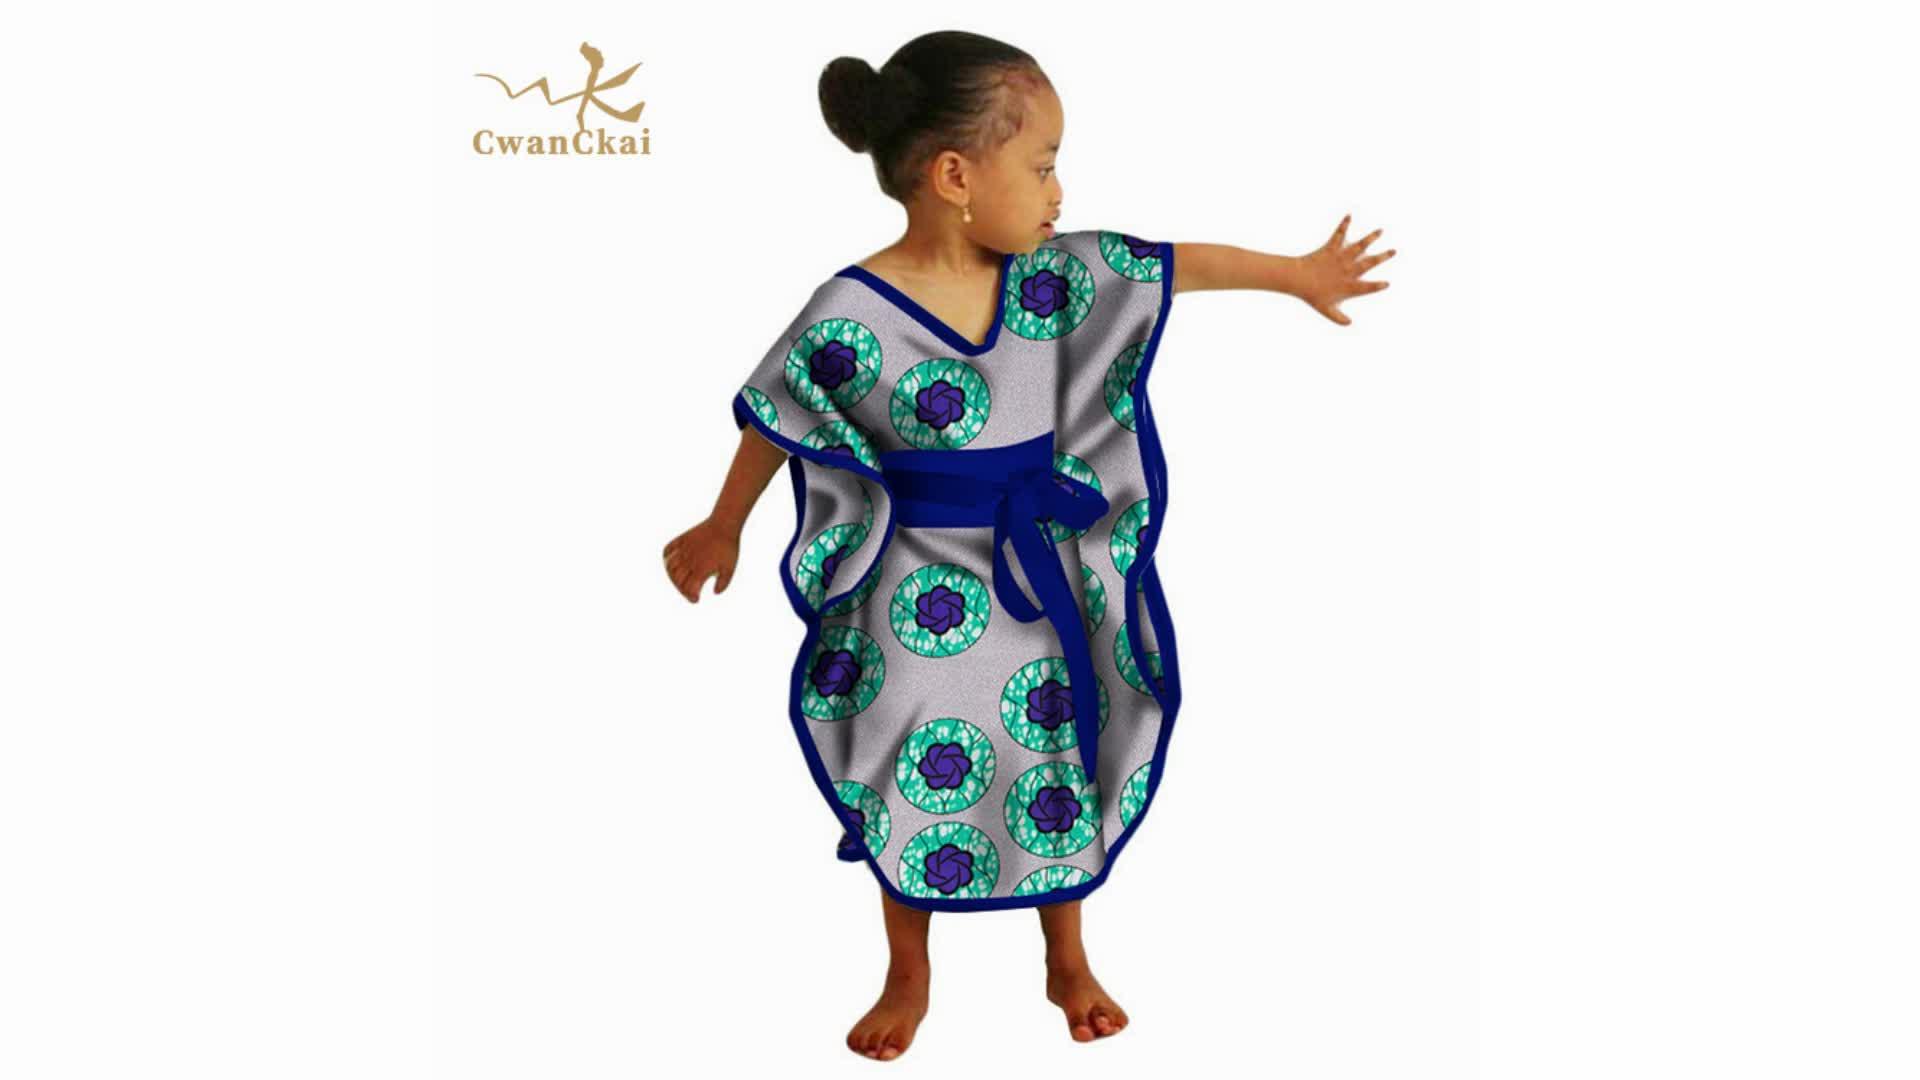 ขายร้อนขี้ผึ้งแอฟริกันพิมพ์อังการาผ้าเด็กแอฟริกันสวมเสื้อผ้า